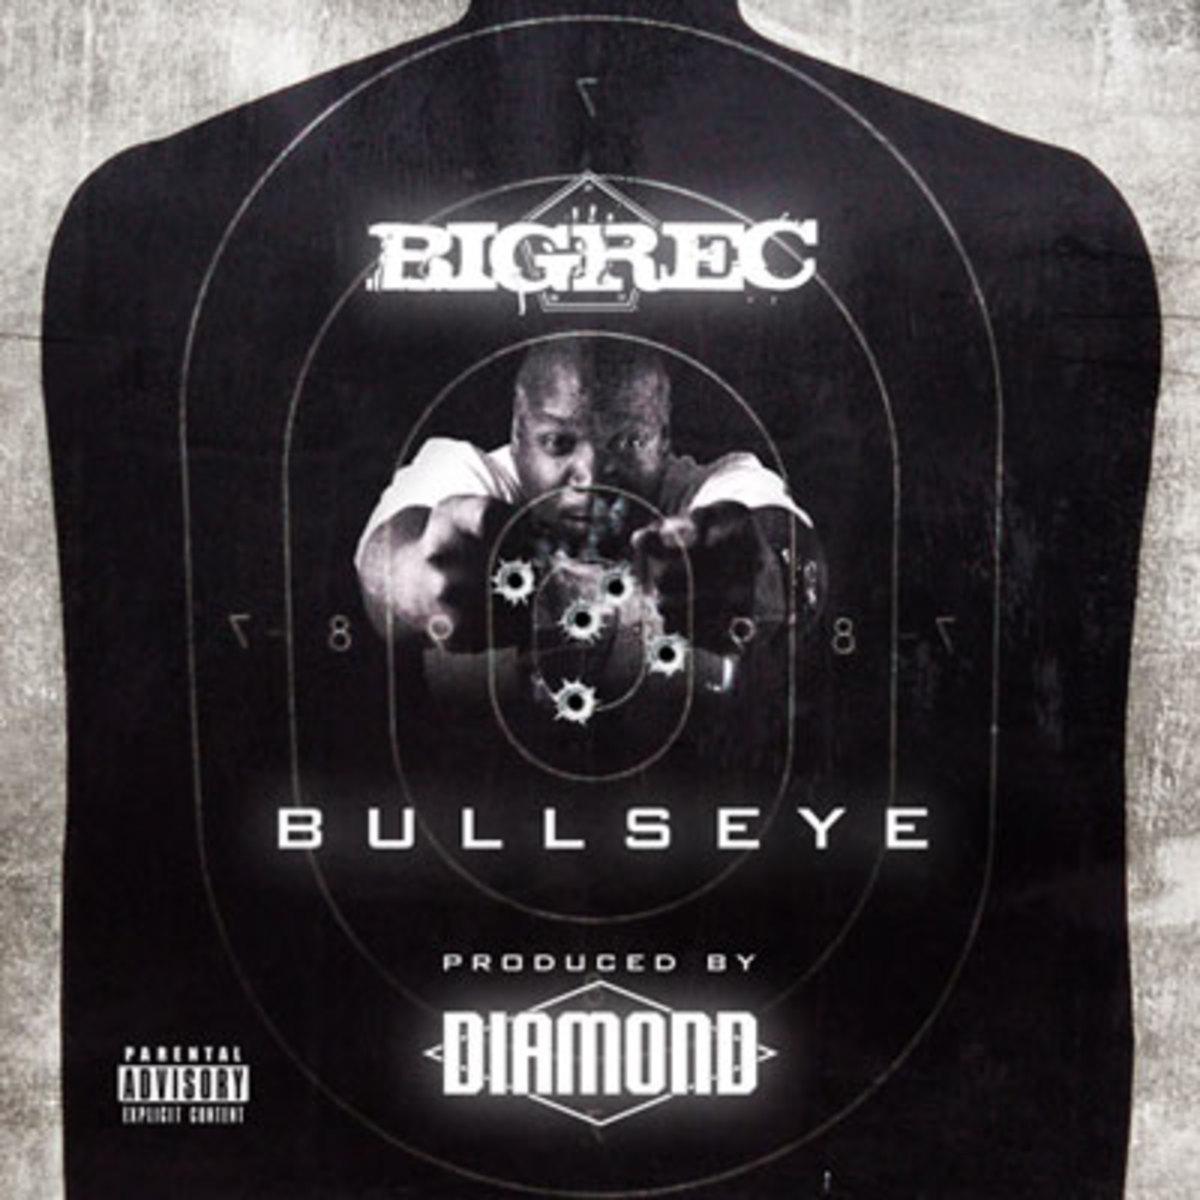 bigrec-bullseye.jpg